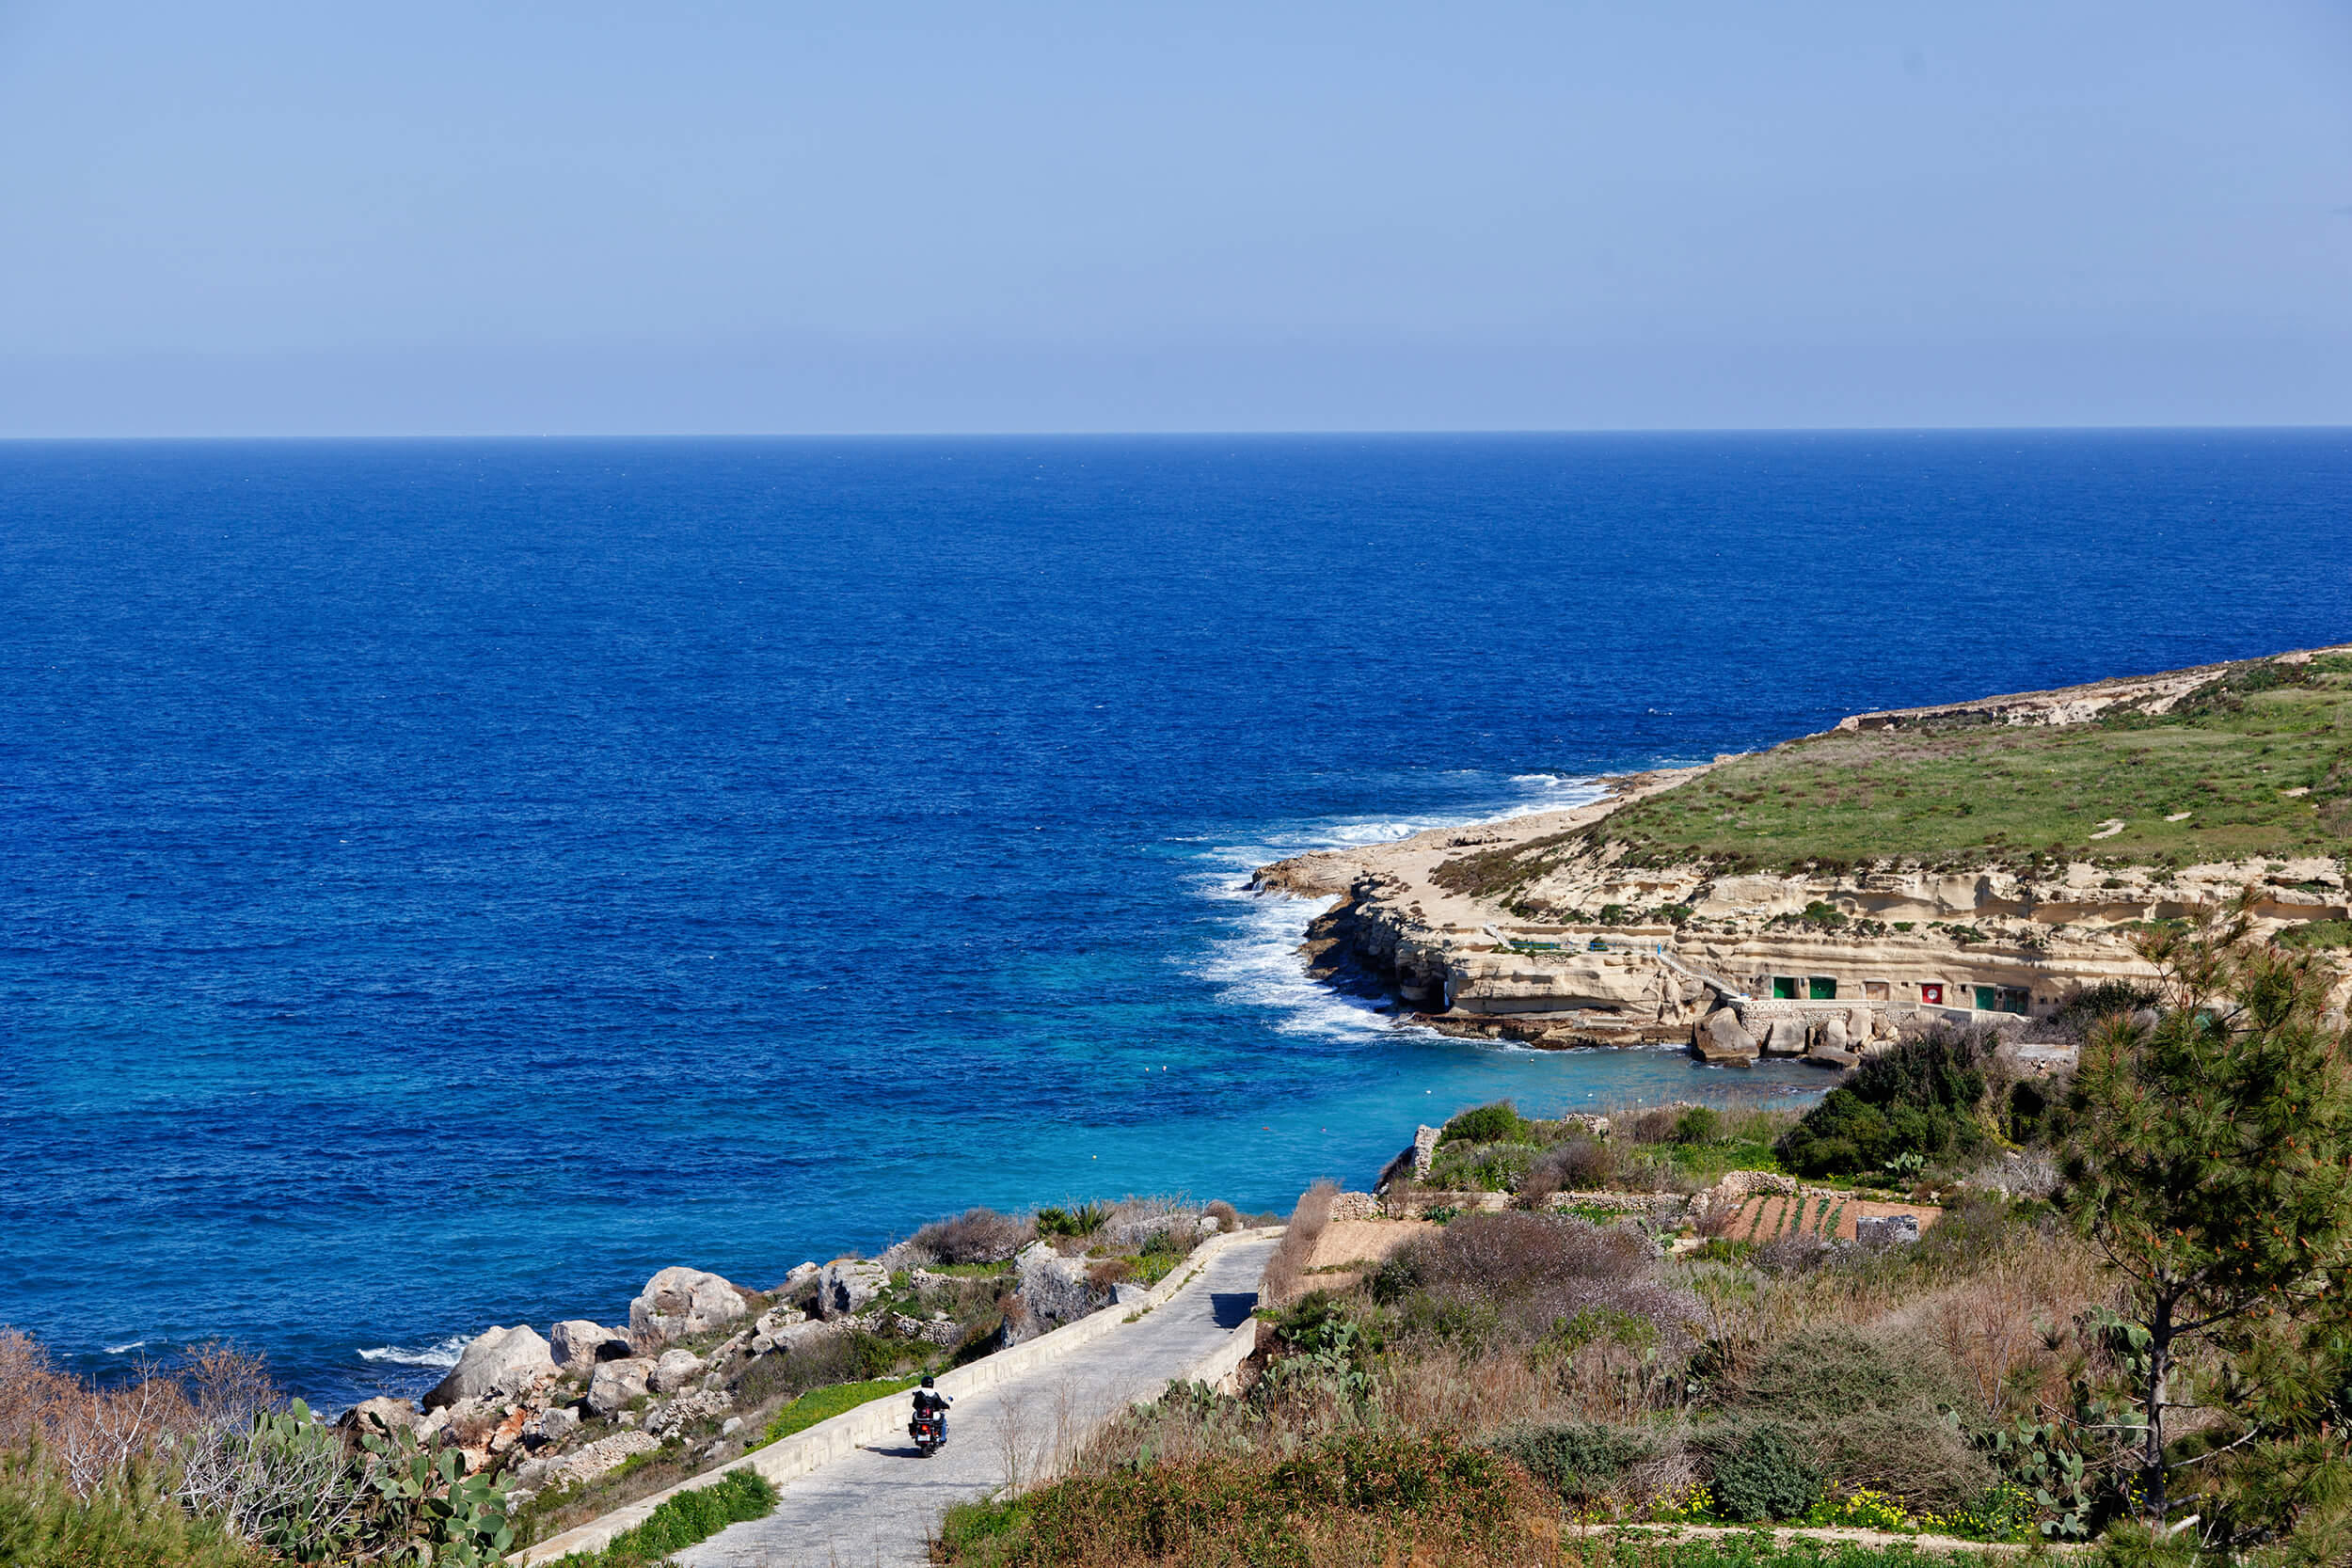 Daħlet Qorrot